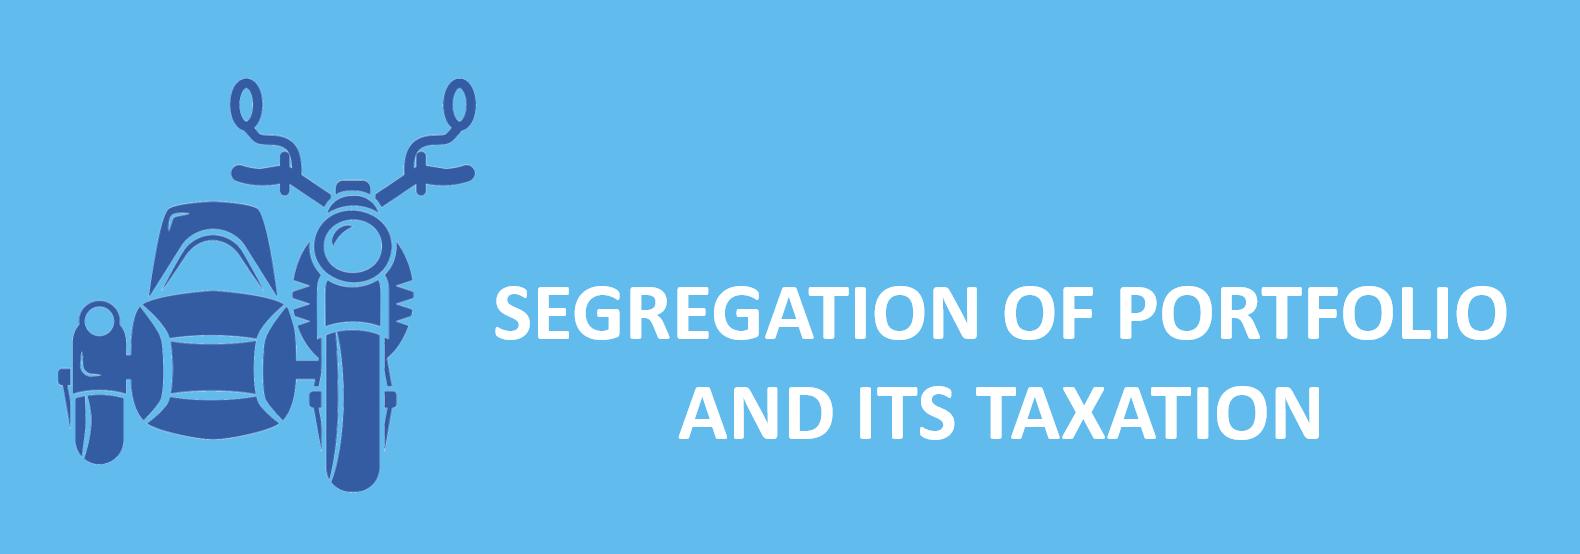 segregation of portfolio